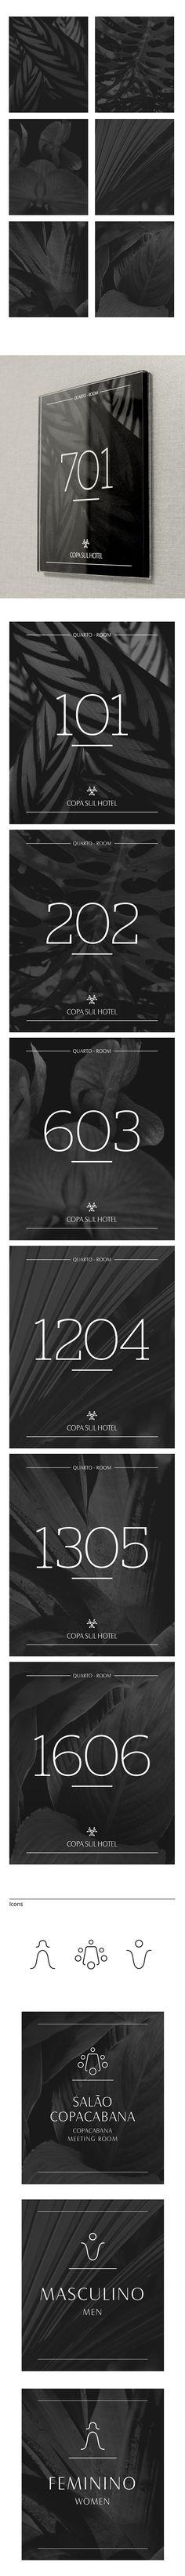 Copa Sul Hotel Signage on Behance